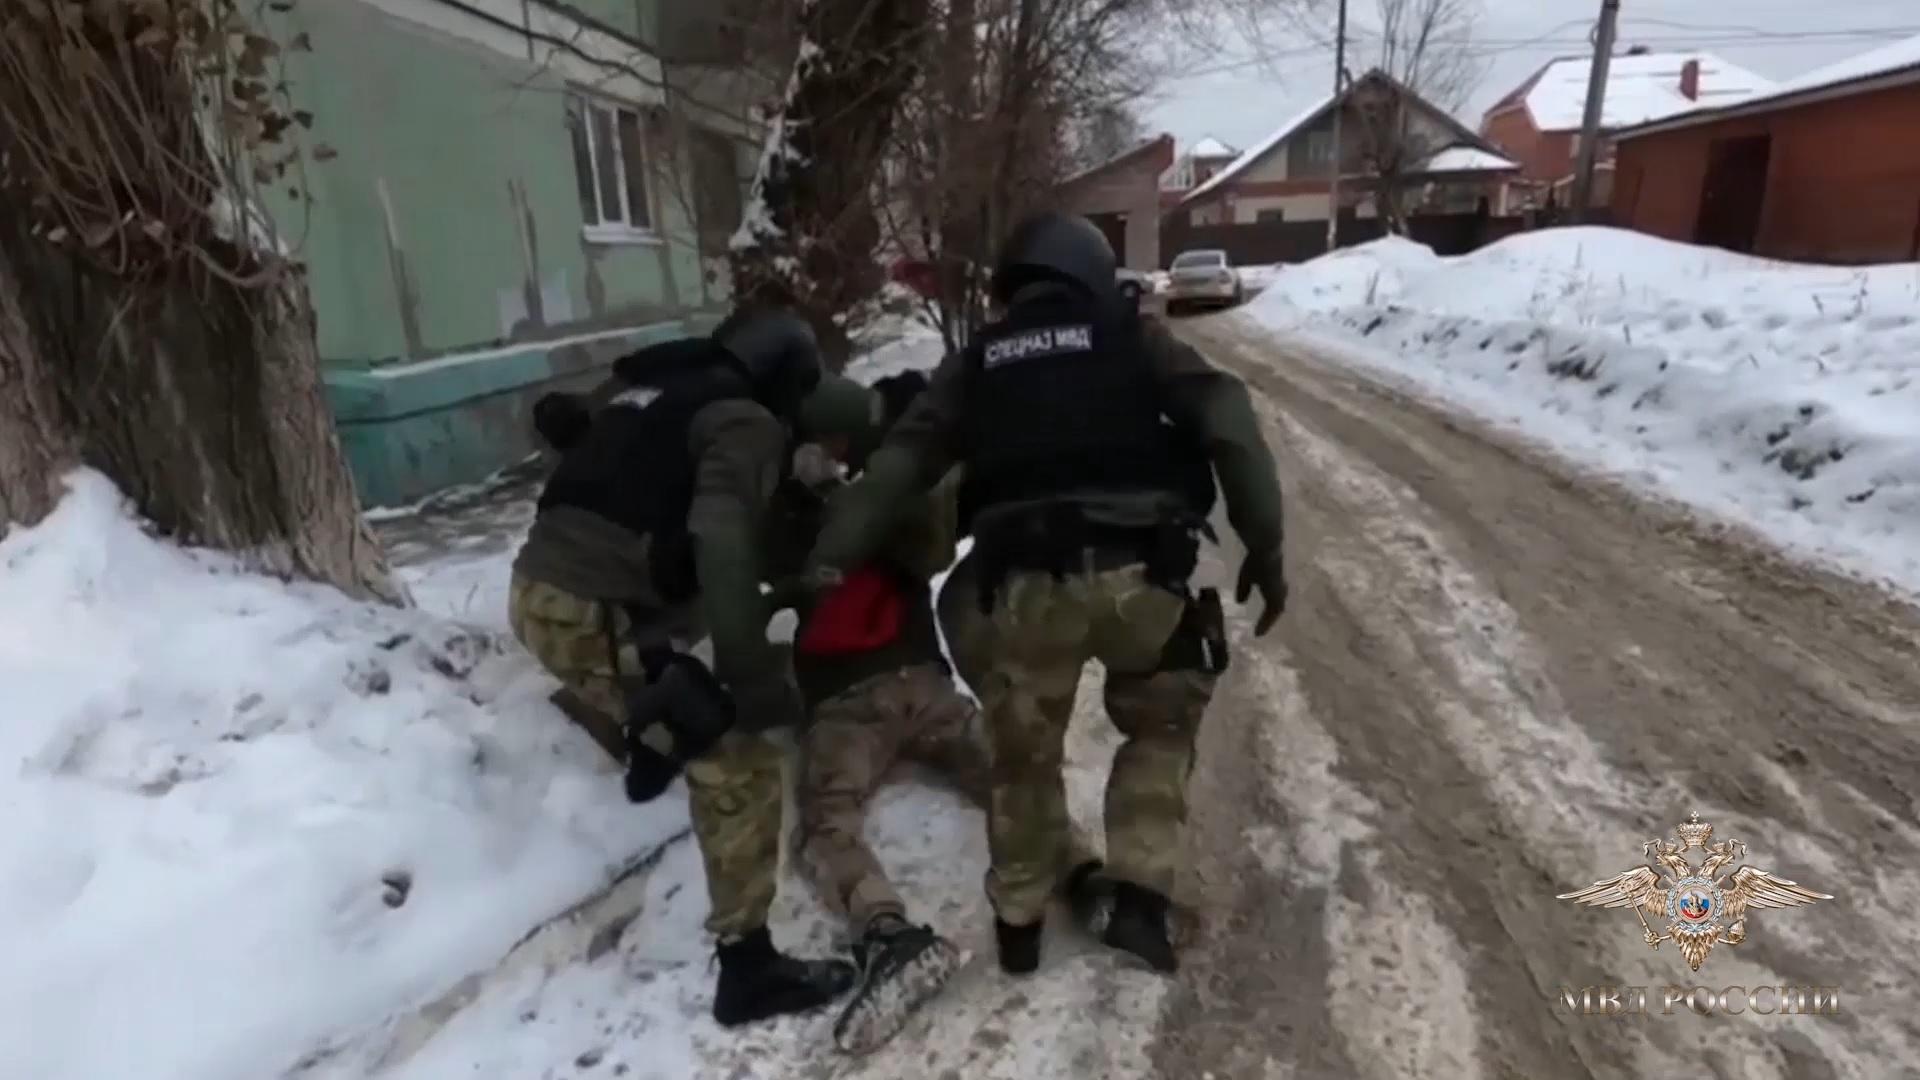 Стоять, полиция! На видео попала спецоперация в нарколаборатории в Тольятти